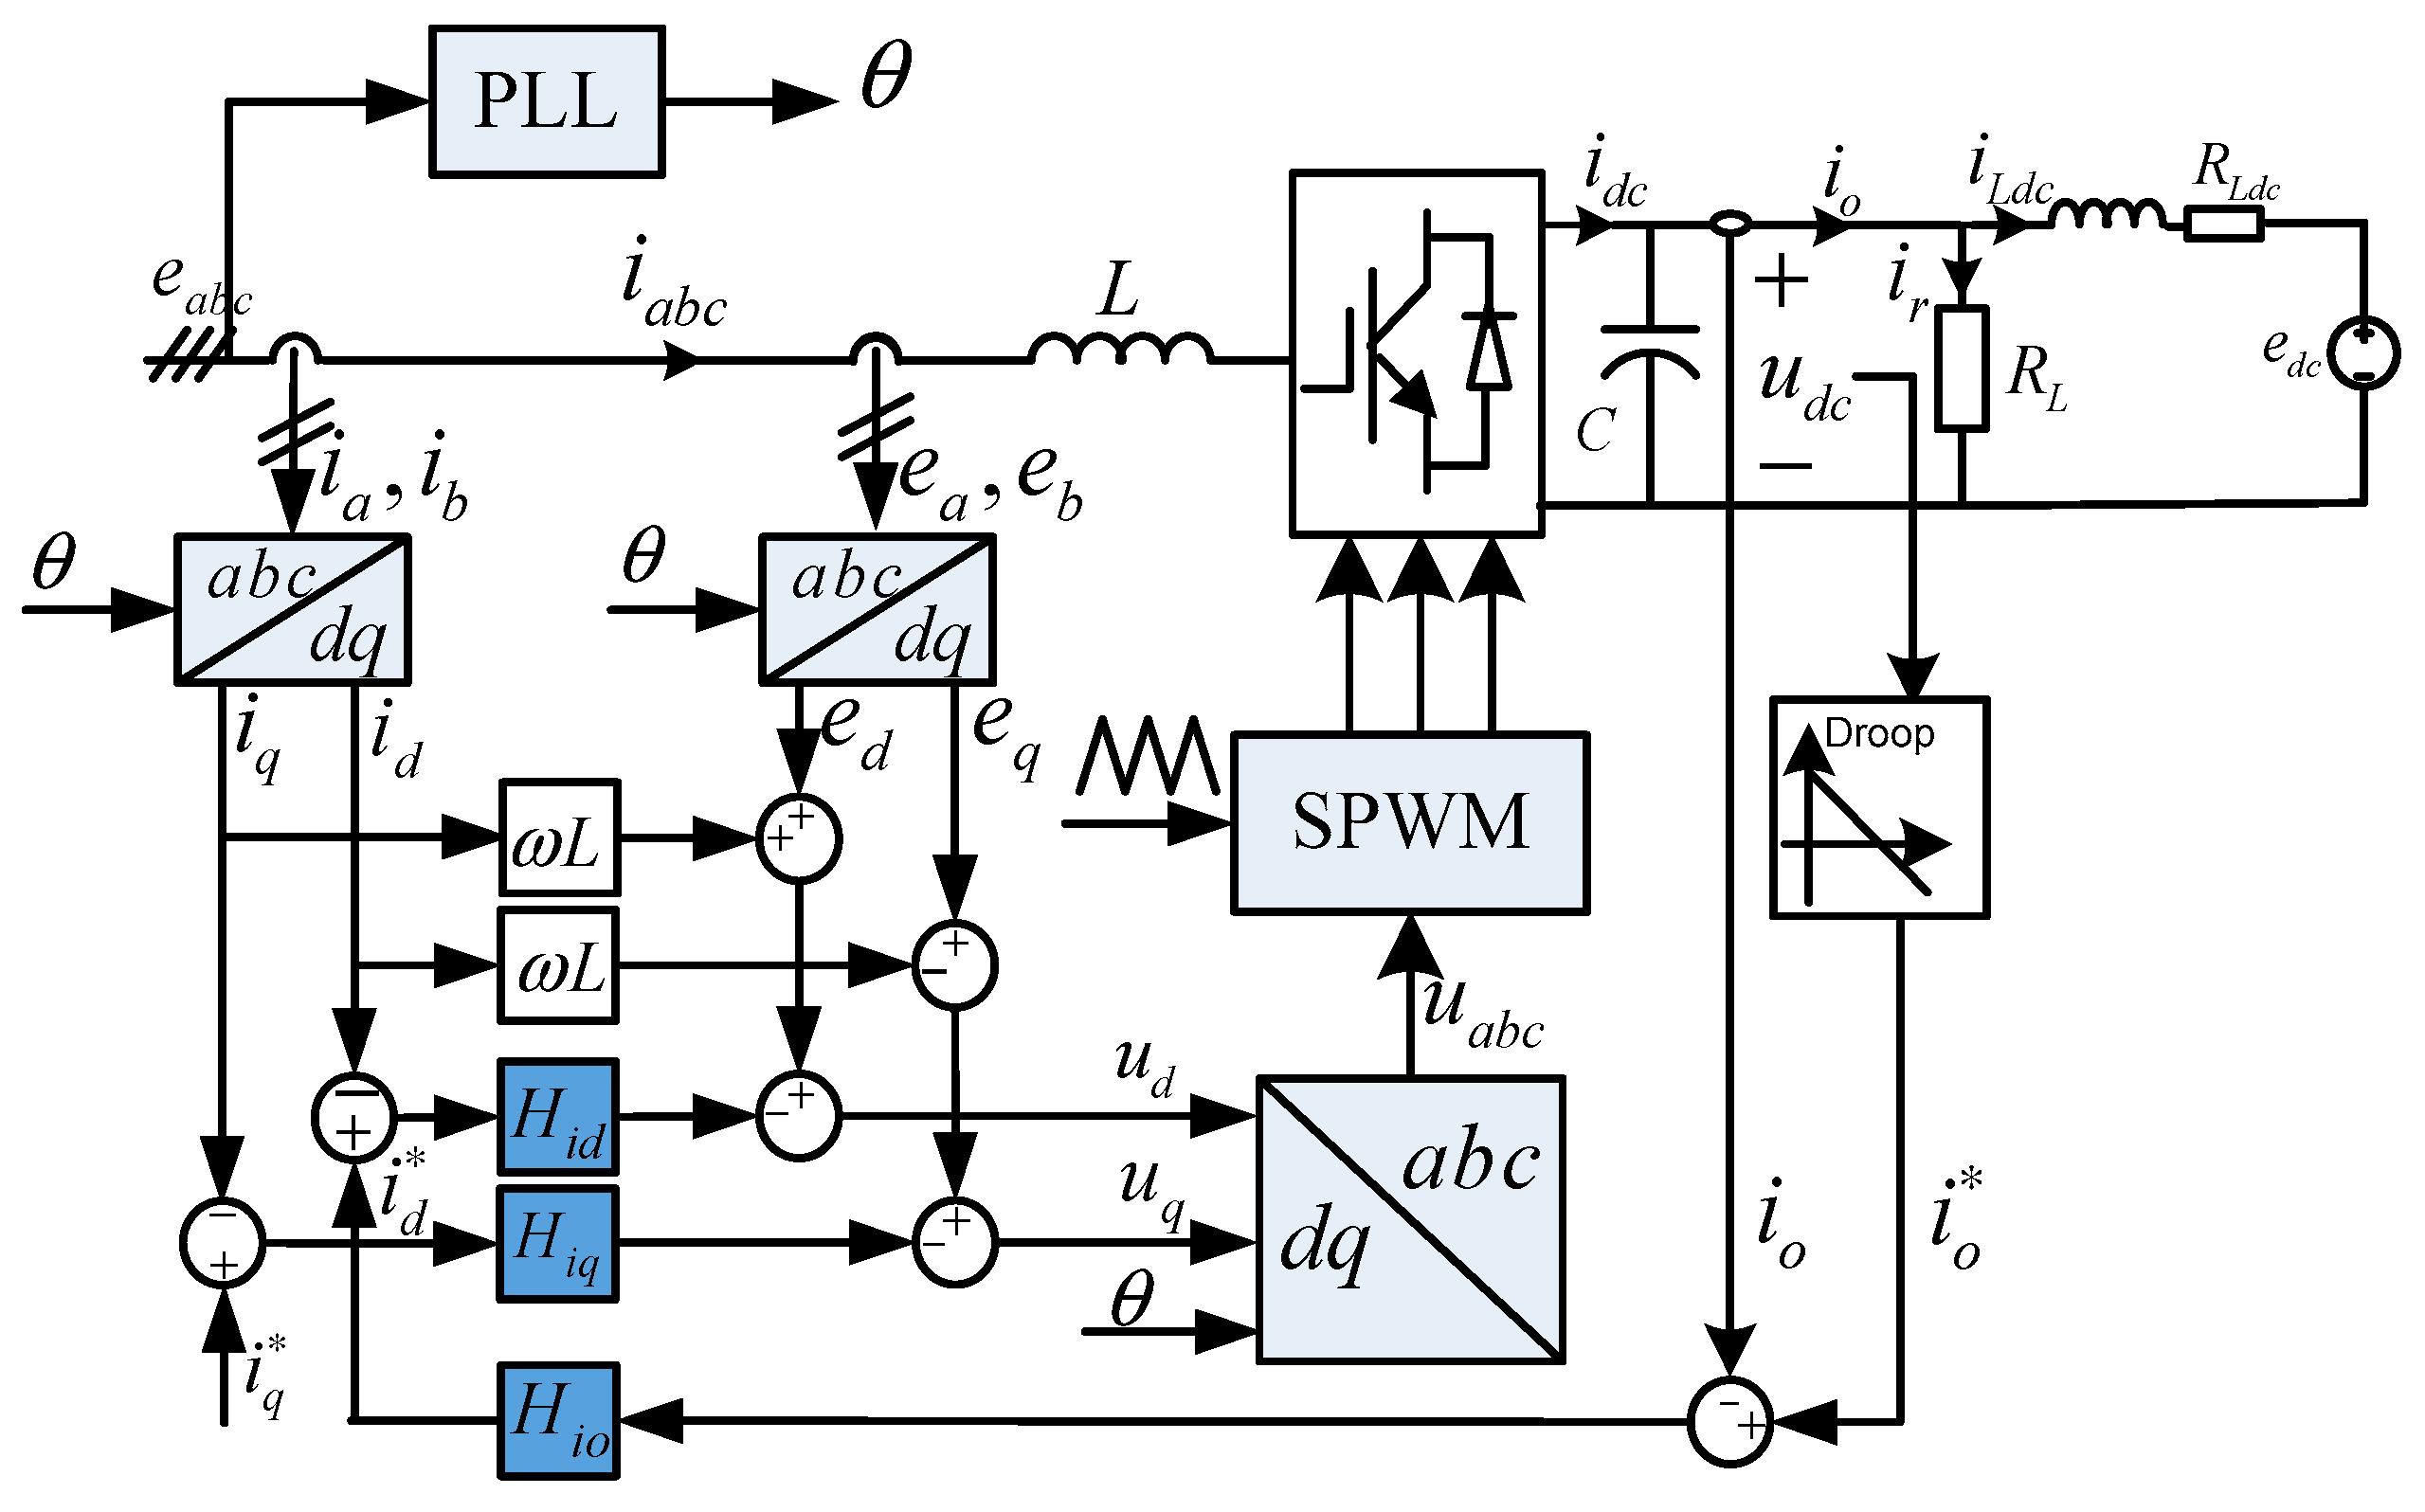 power engineering simulation